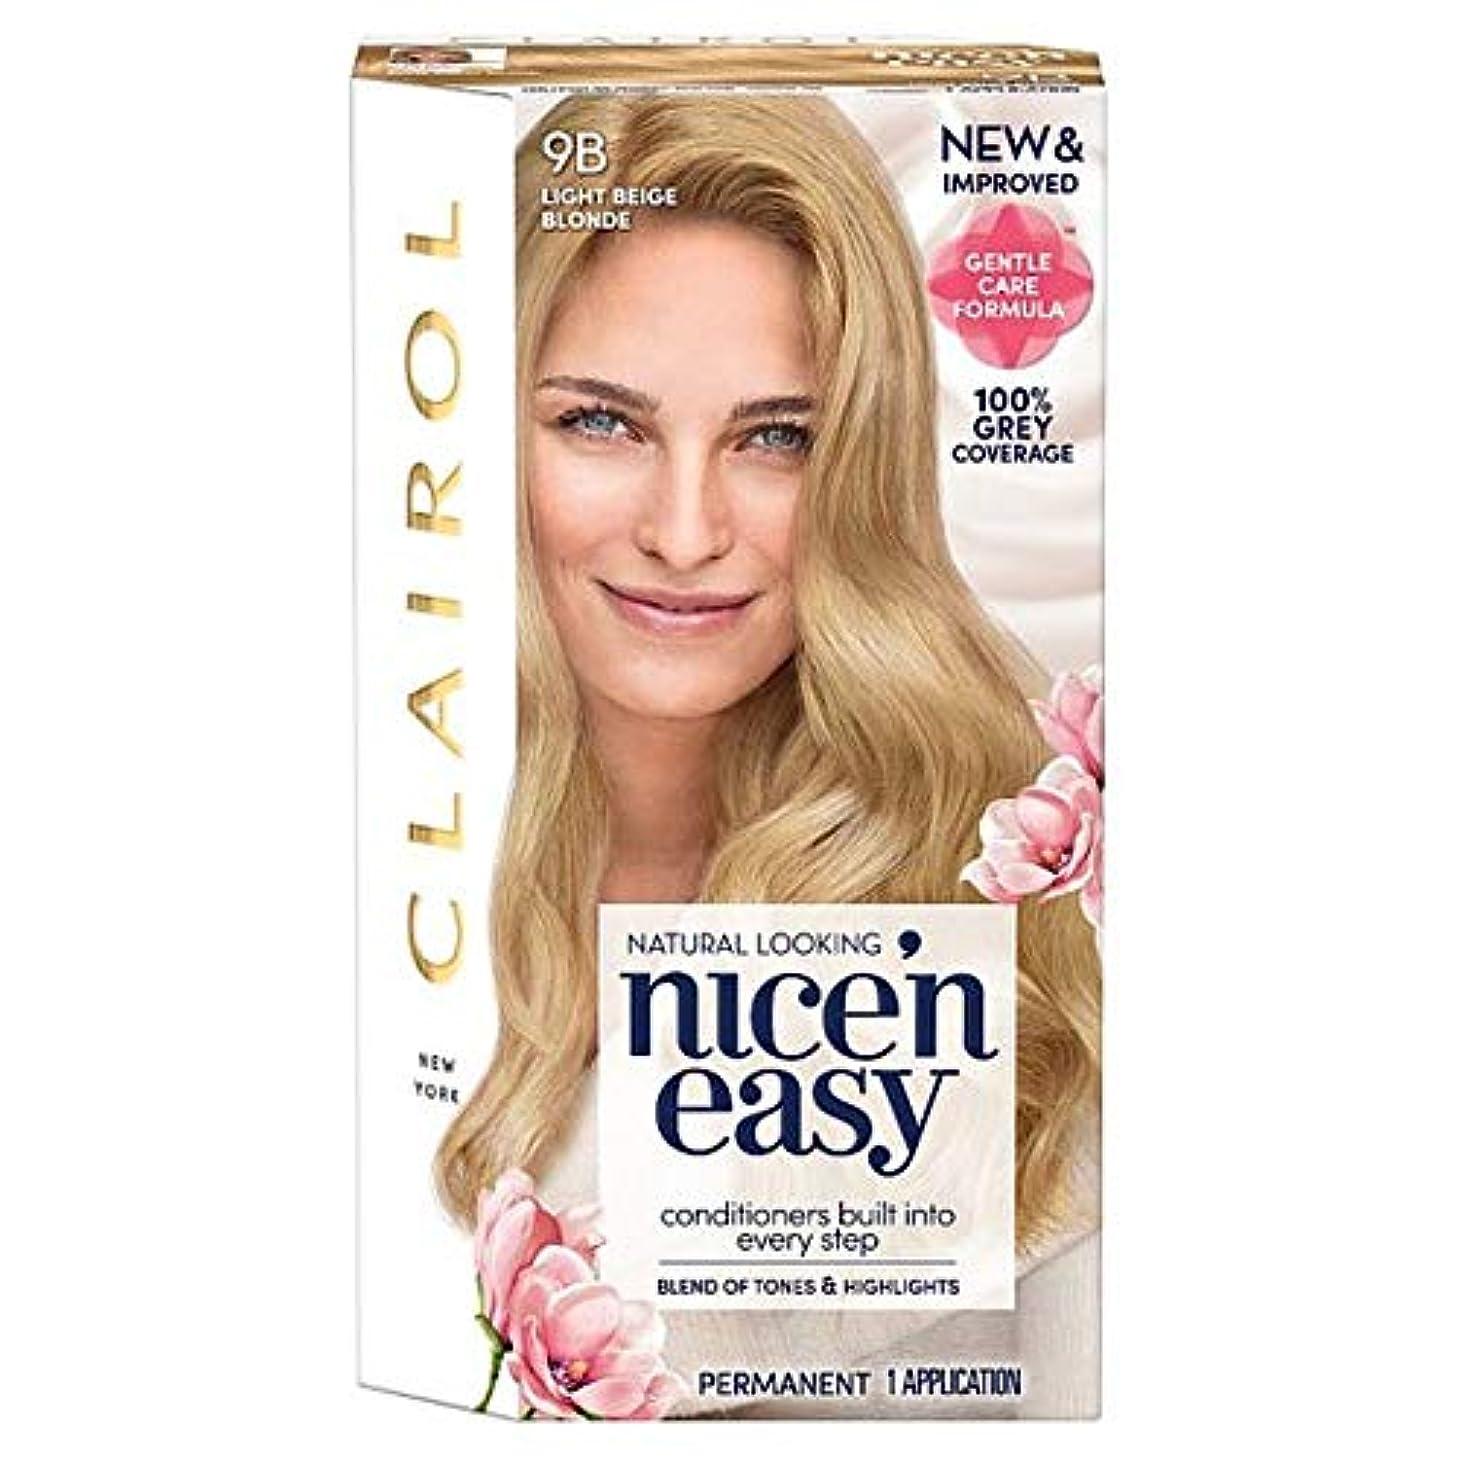 反対グローバル左[Nice'n Easy] クレイロール素敵な「N簡単にライトベージュブロンド9Bの染毛剤 - Clairol Nice 'N Easy Light Beige Blonde 9B Hair Dye [並行輸入品]